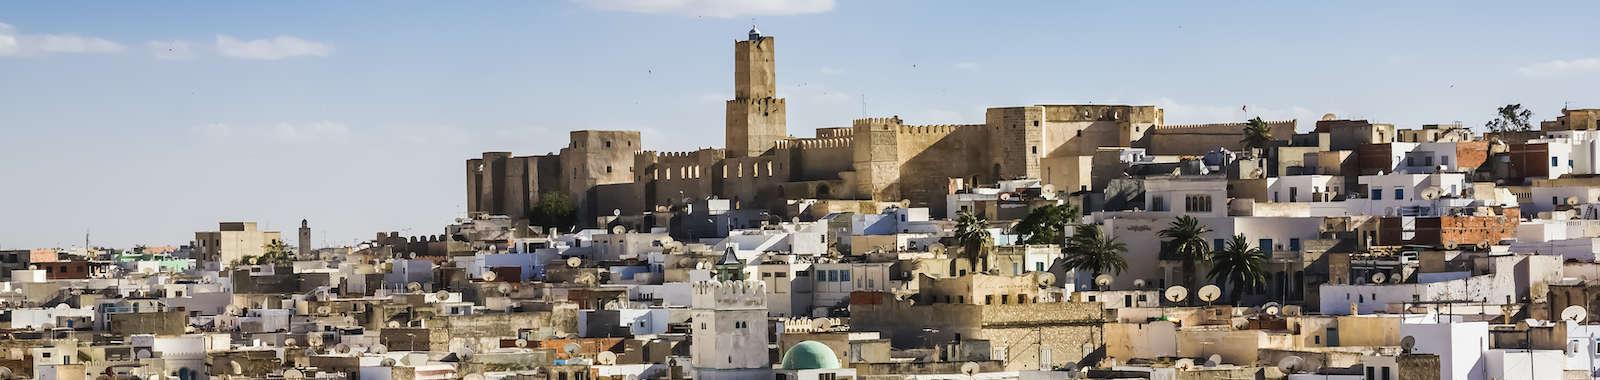 BannerSousseMedinaandKasbahview,Tunisia32694684copy